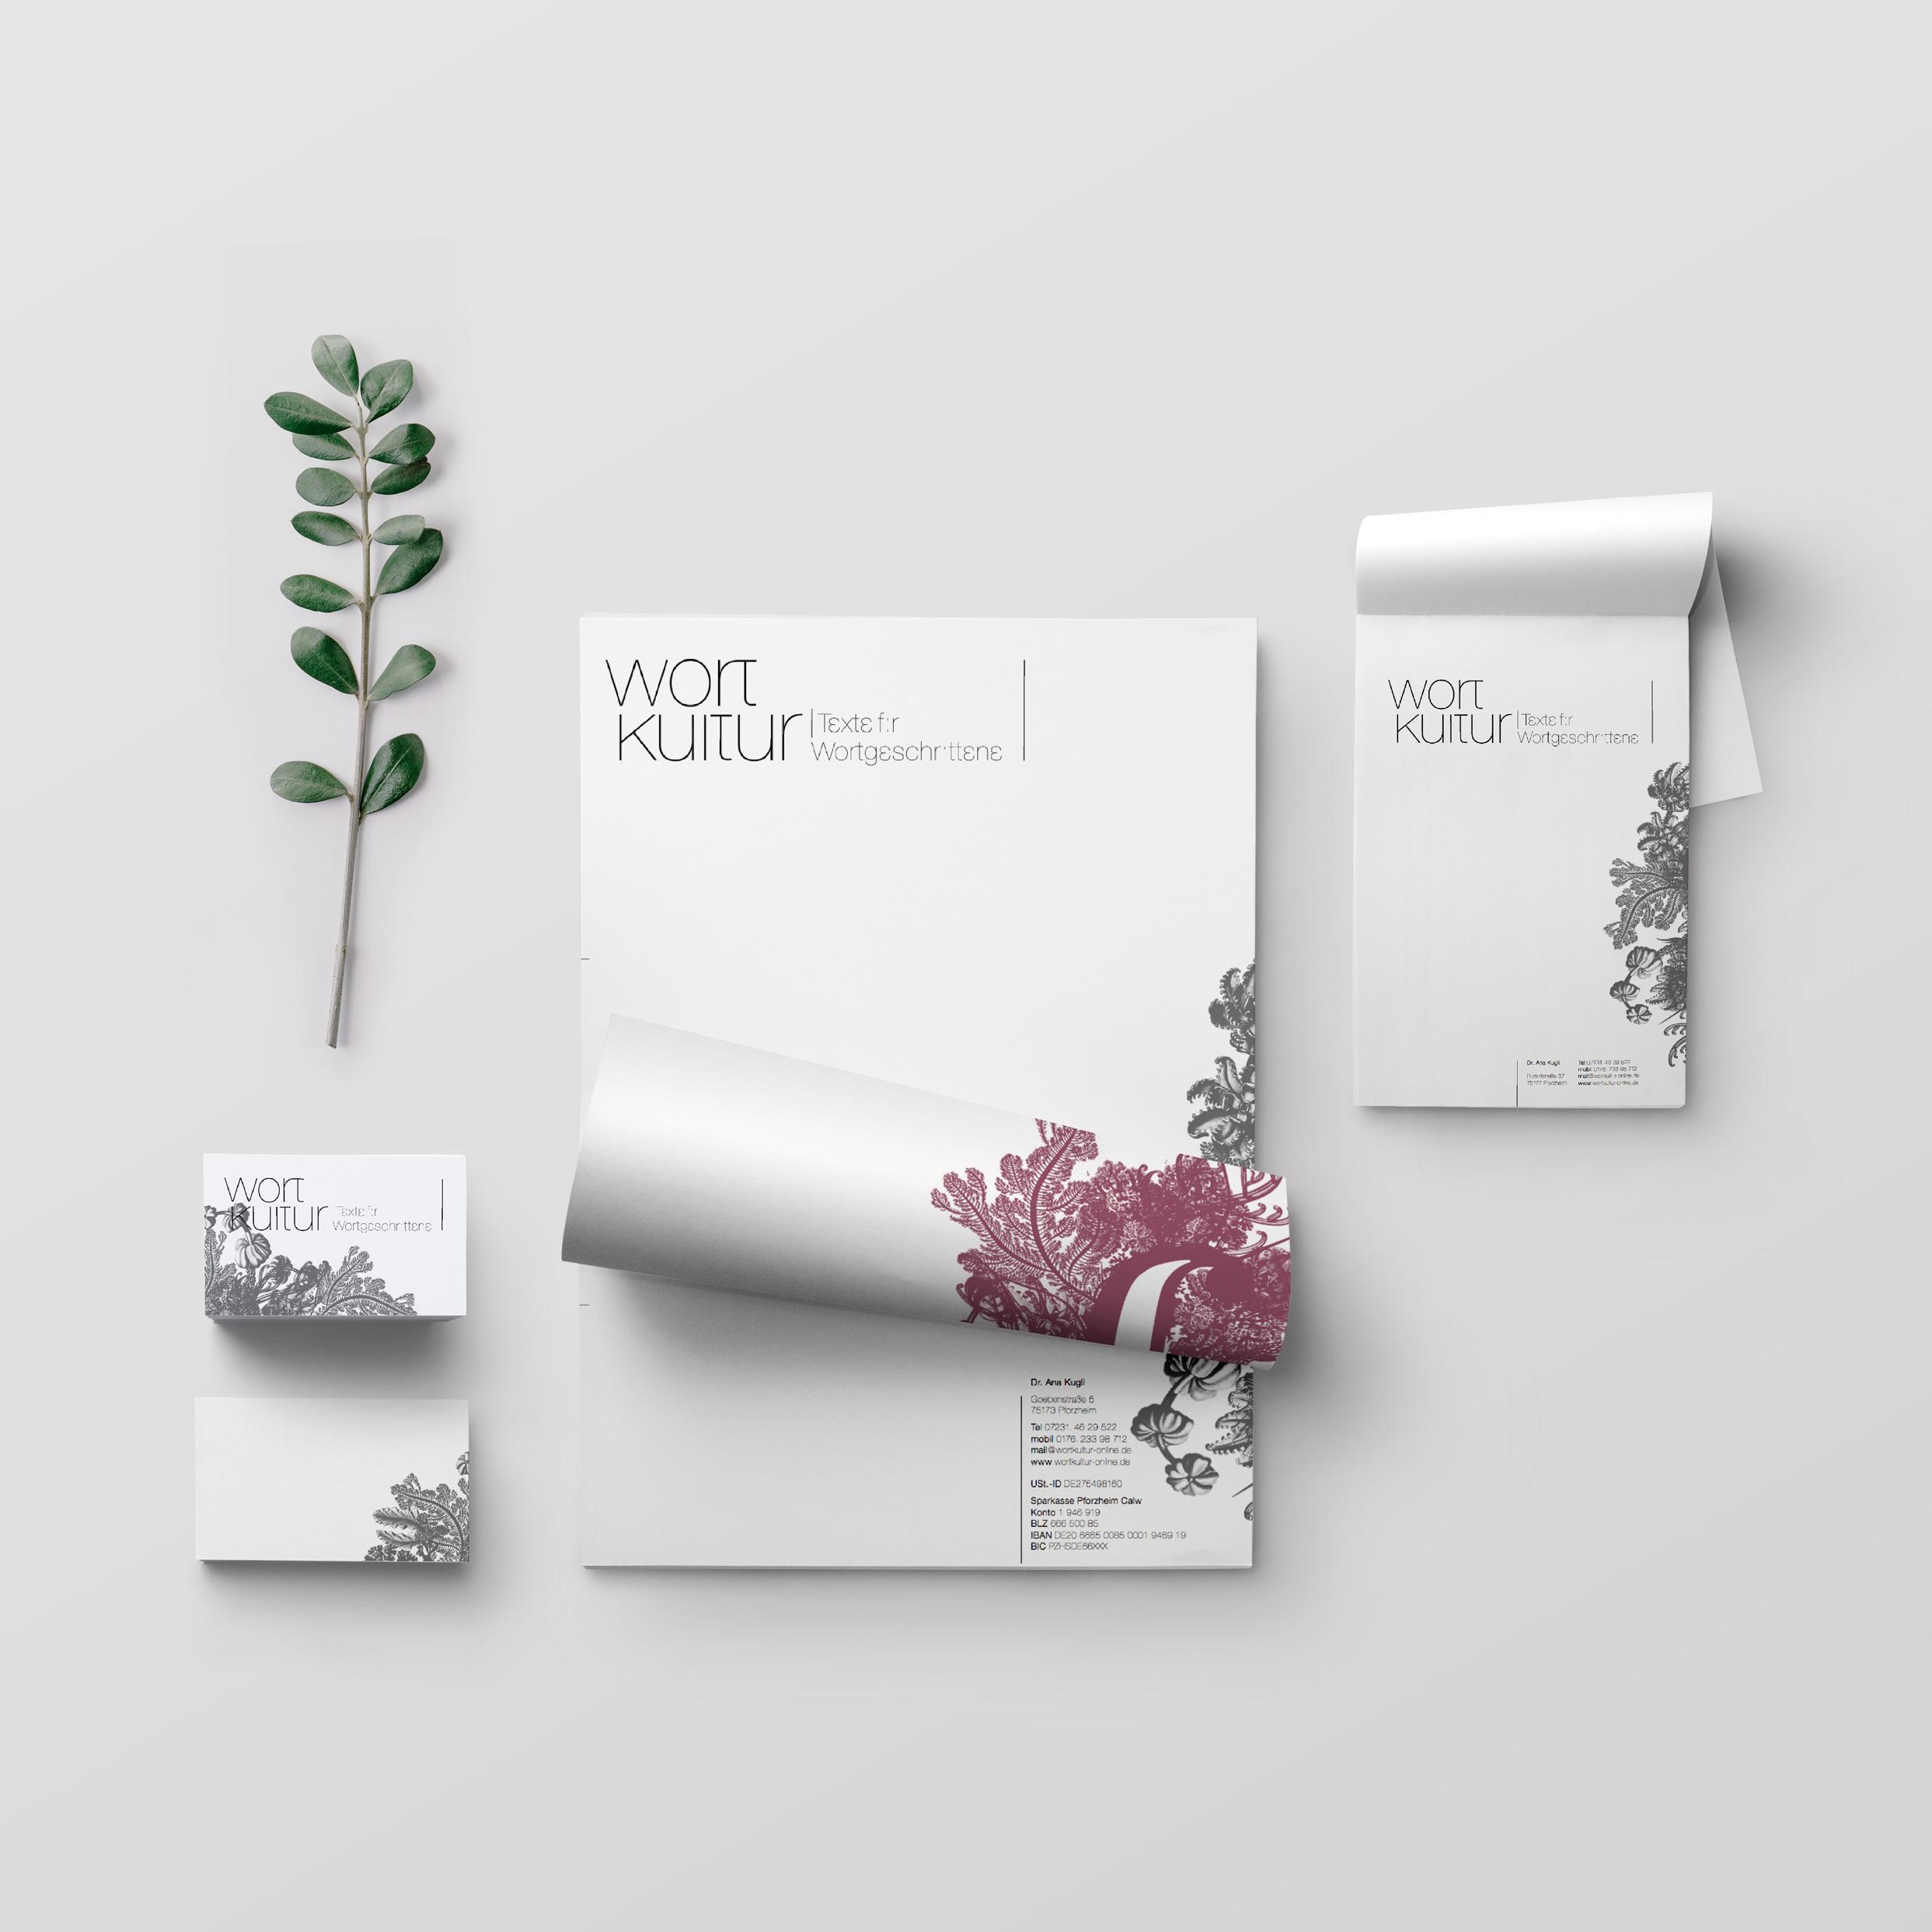 3DMBO-Studio-für-Gestaltung-wortkultur-ana-kugli